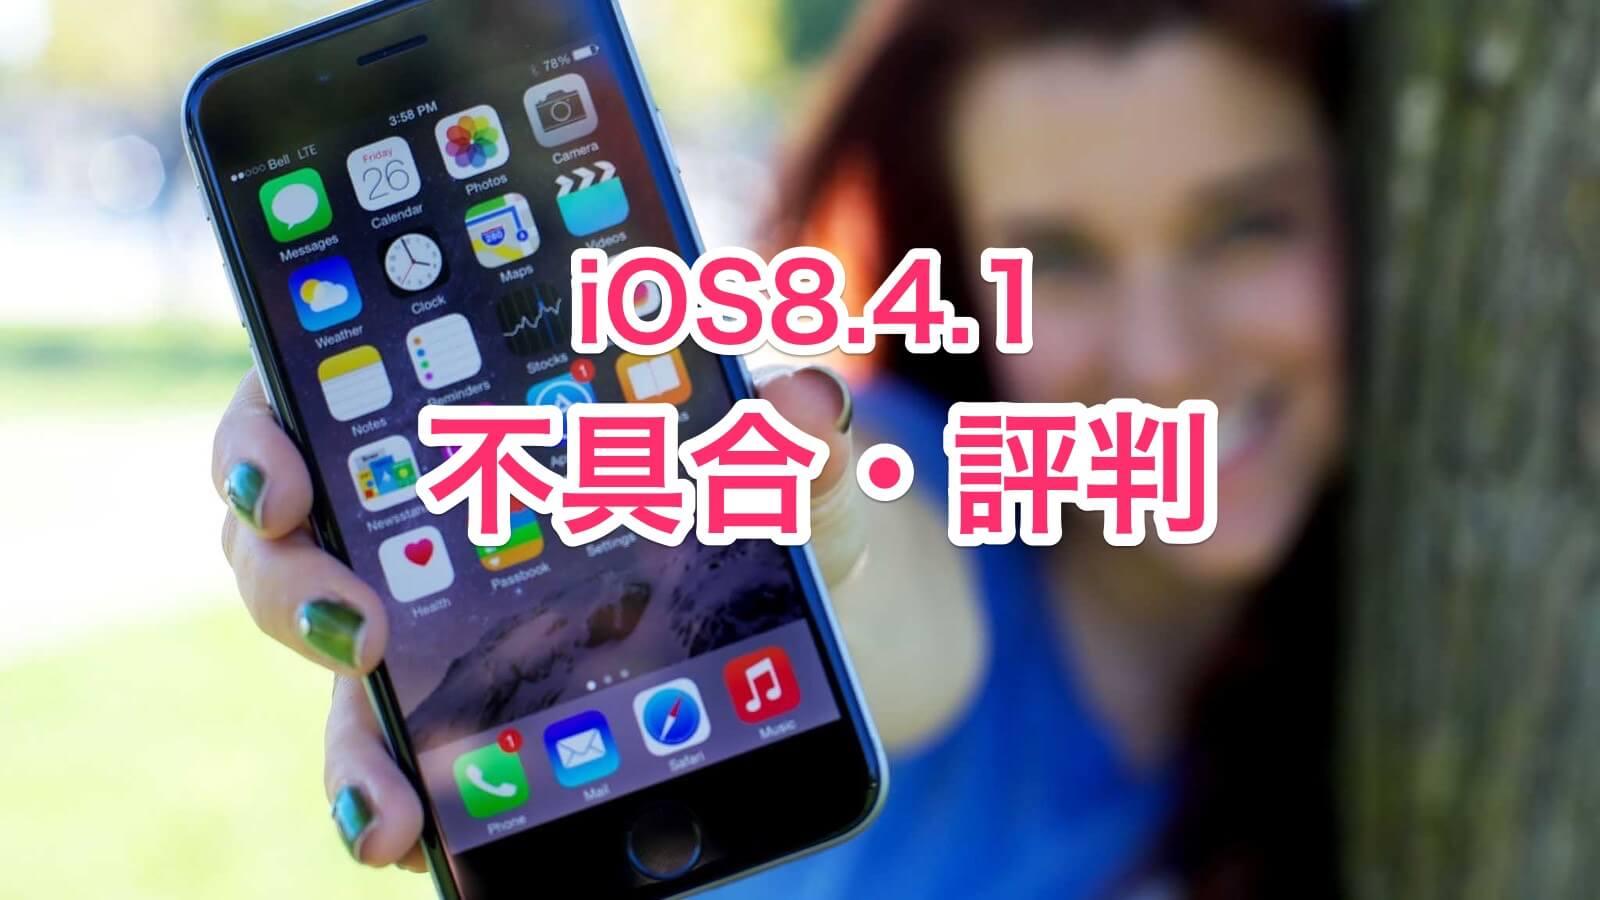 iOS8.4.1評判・不具合